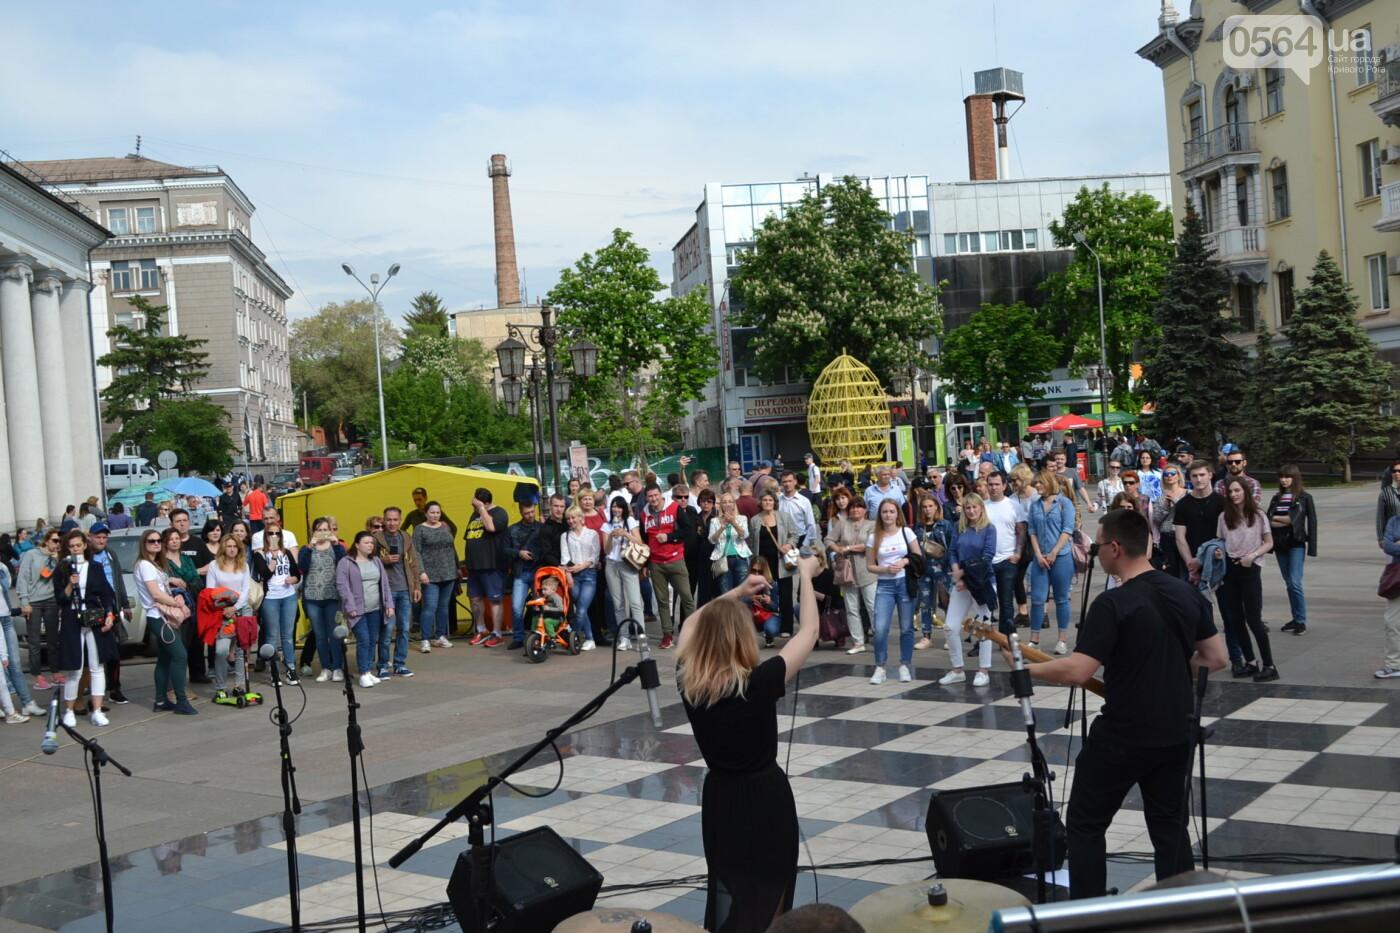 Играют все: на проспекте Почтовом в Кривом Роге проходит фестиваль уличной музыки, - ФОТО, ВИДЕО, фото-20